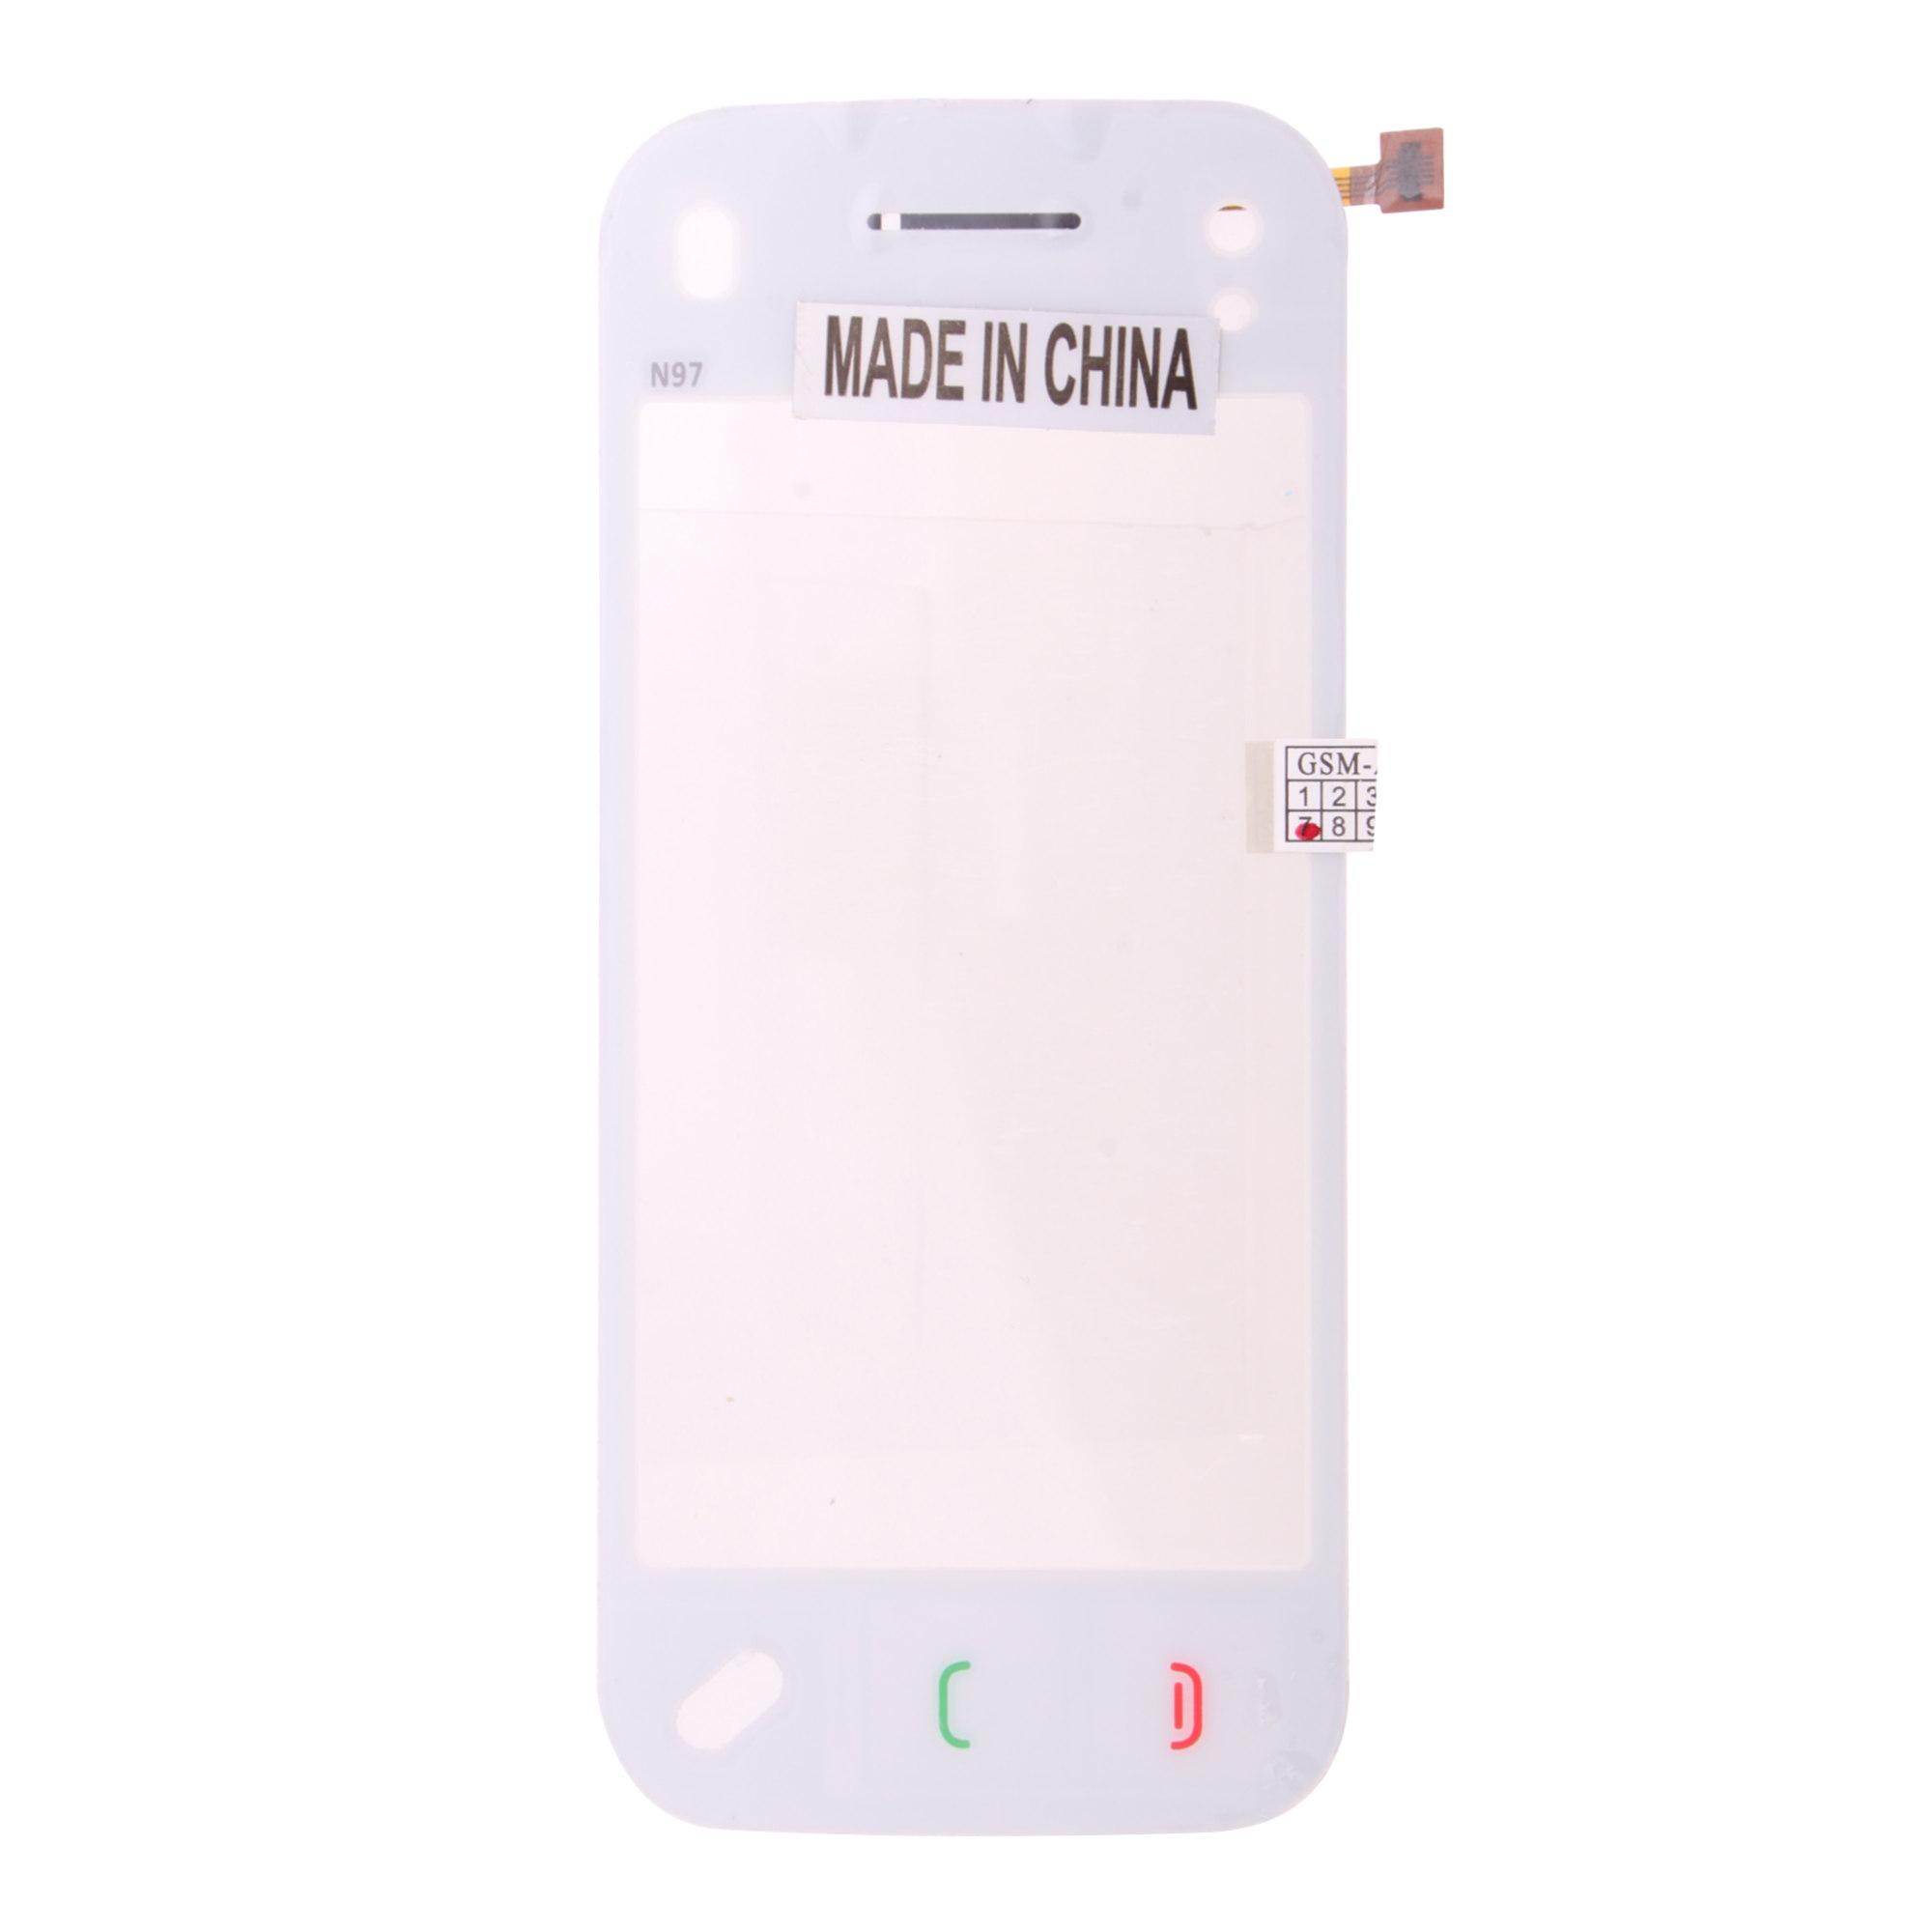 N97 межплатный с механизмом слайдера, клав модулем, камерой, белый шлейф